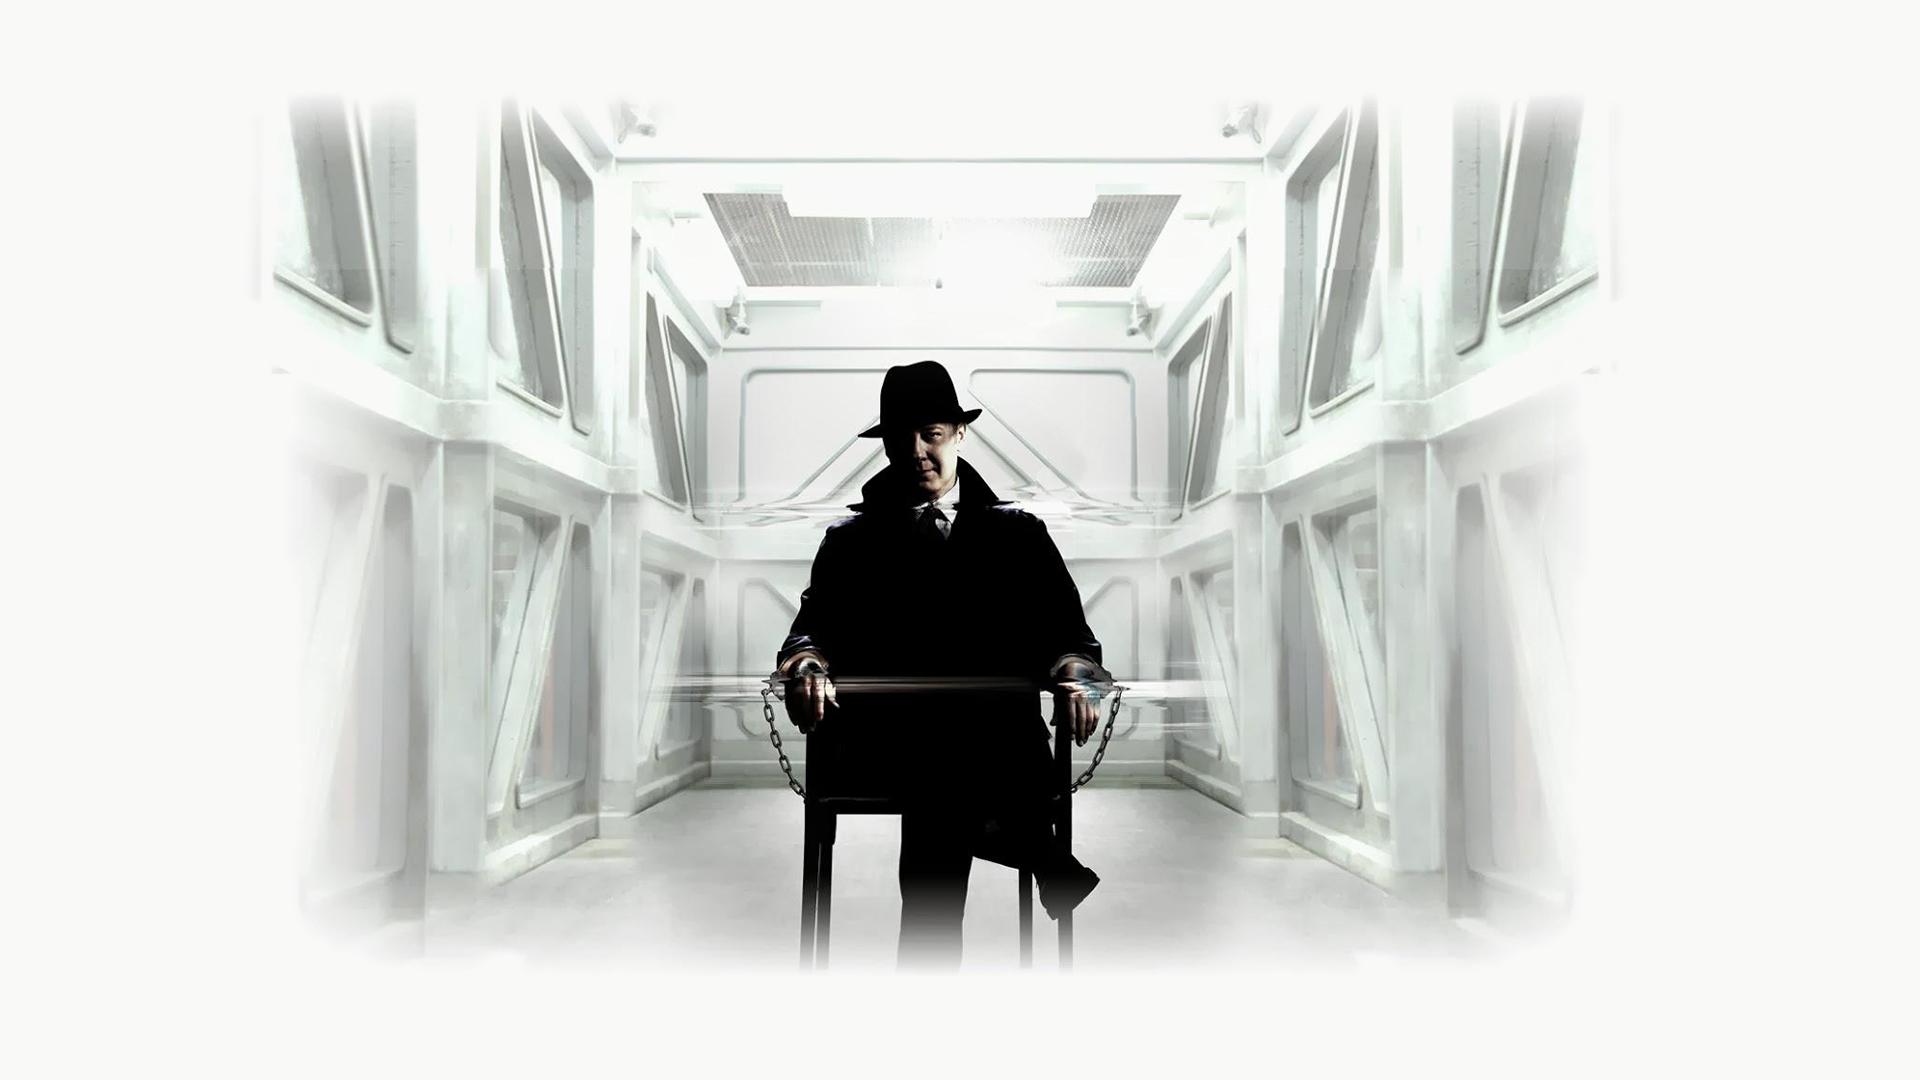 THE BLACKLIST crime drama television f wallpaper 1920x1080 207248 1920x1080